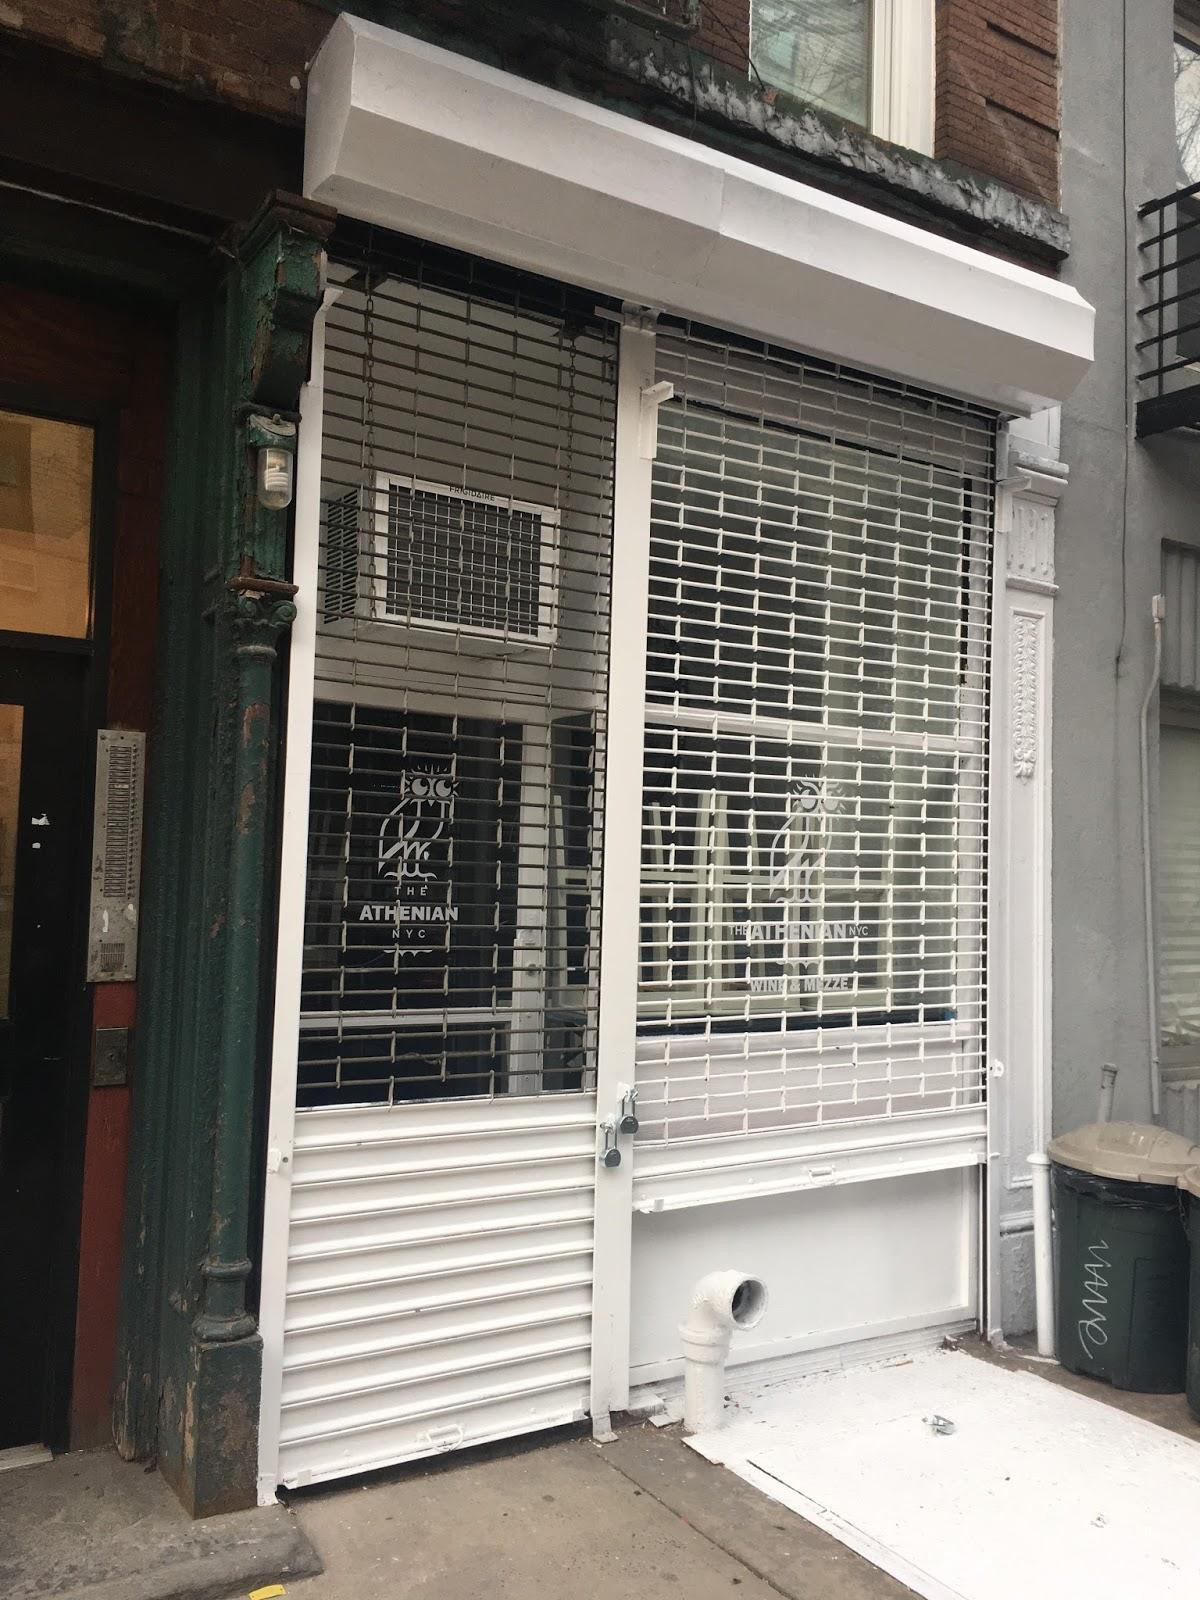 Greek Restaurants Near Me Open Now